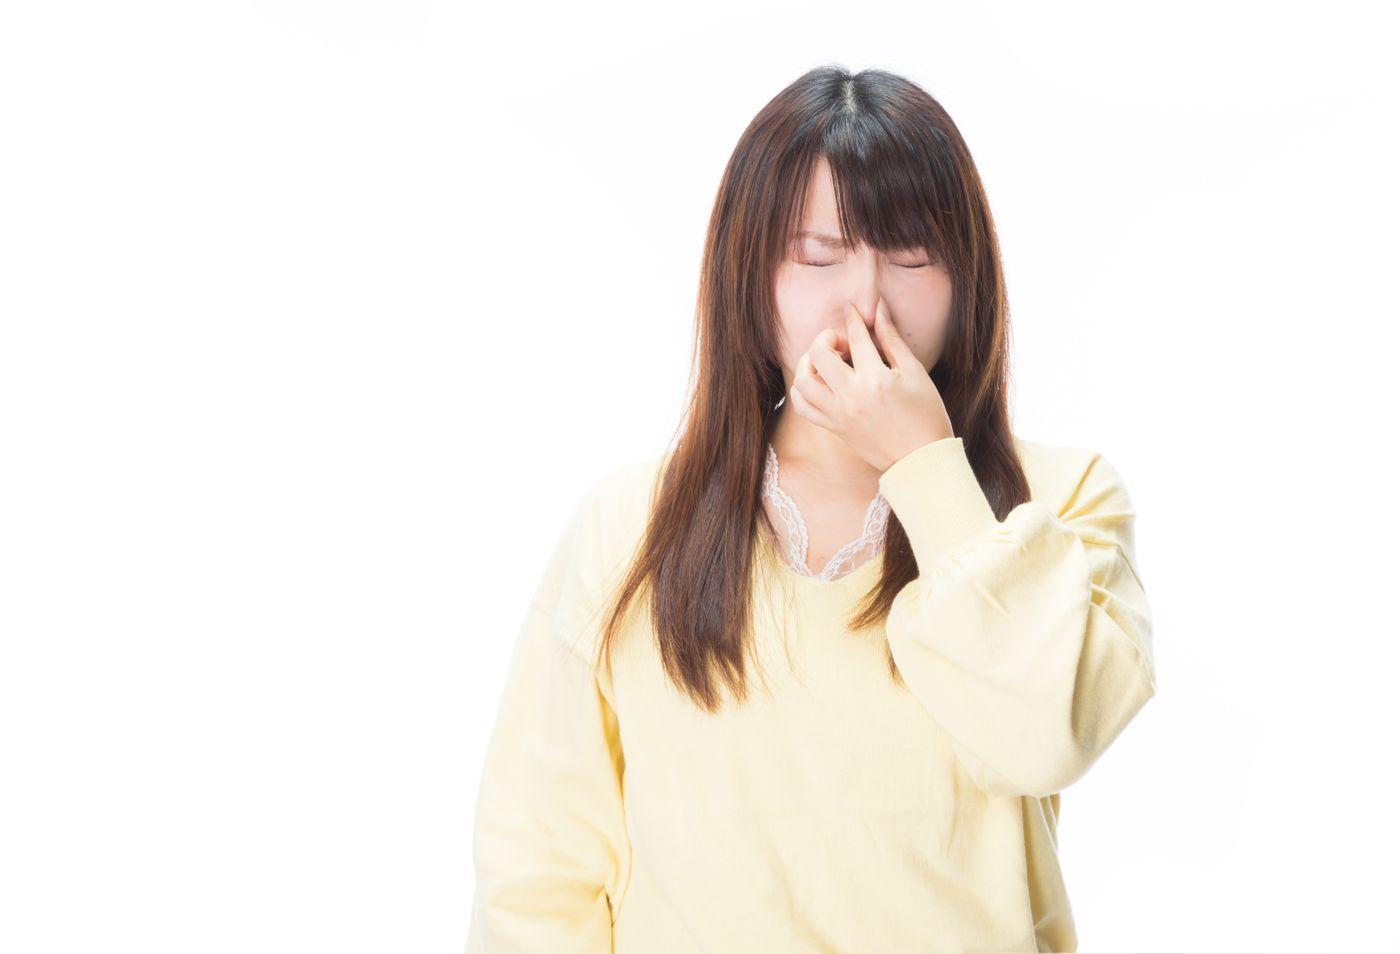 衝撃的なにおいに思わず目を閉じる女性の写真